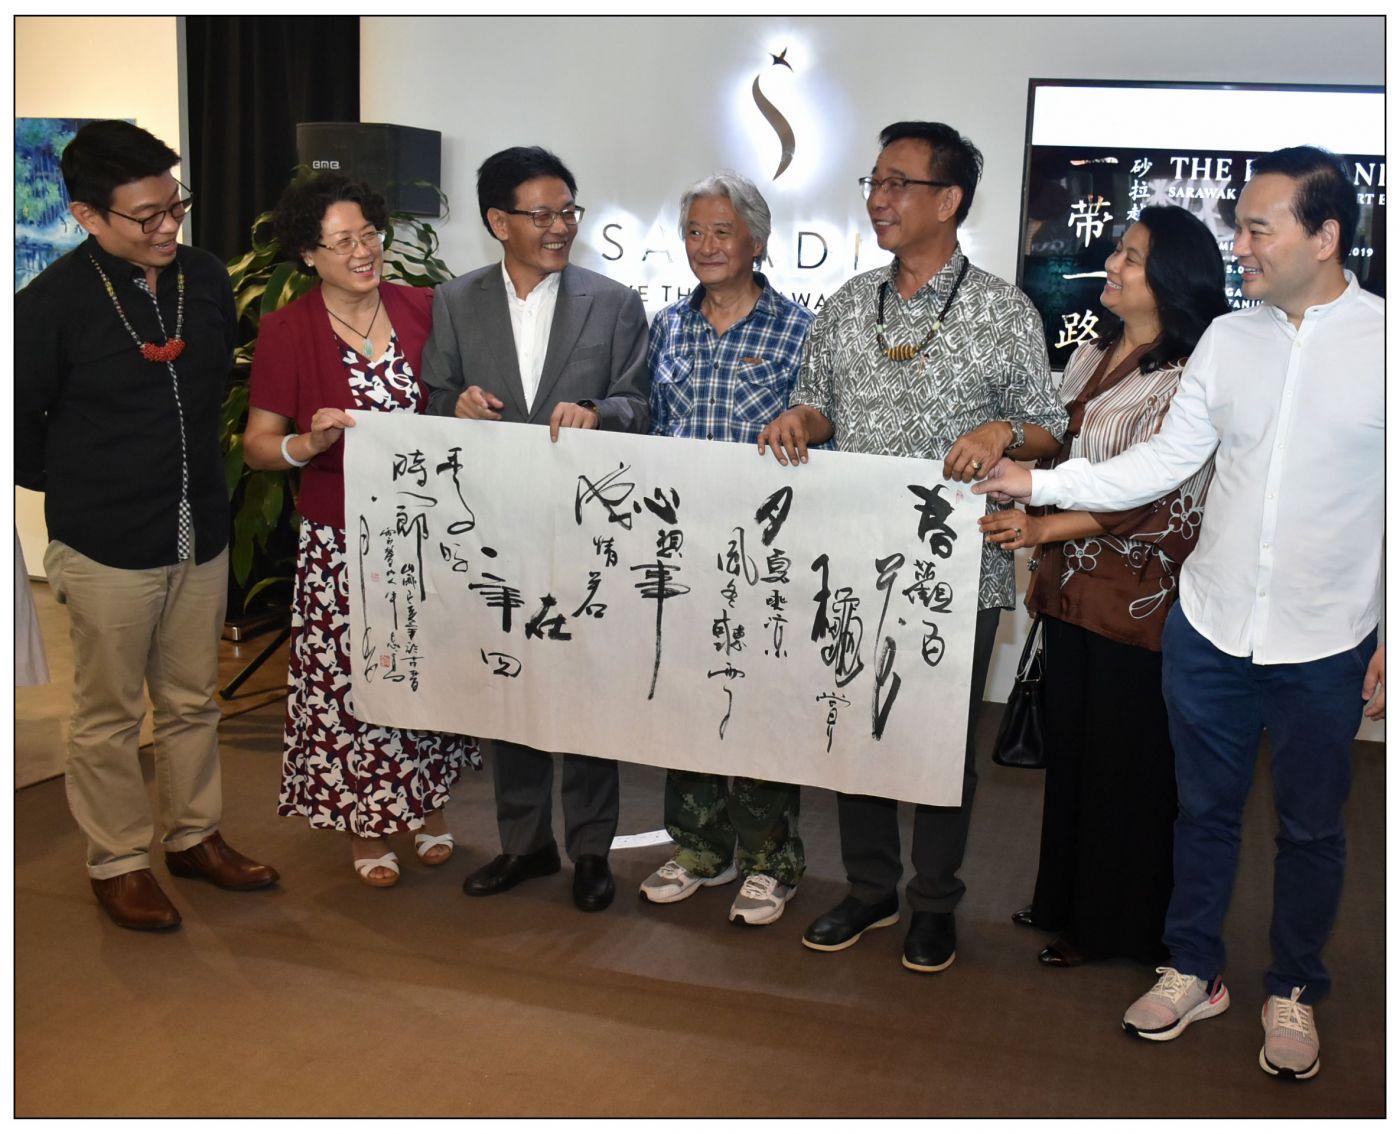 牛志高马来西亚画展掠影2019.10.01_图1-11